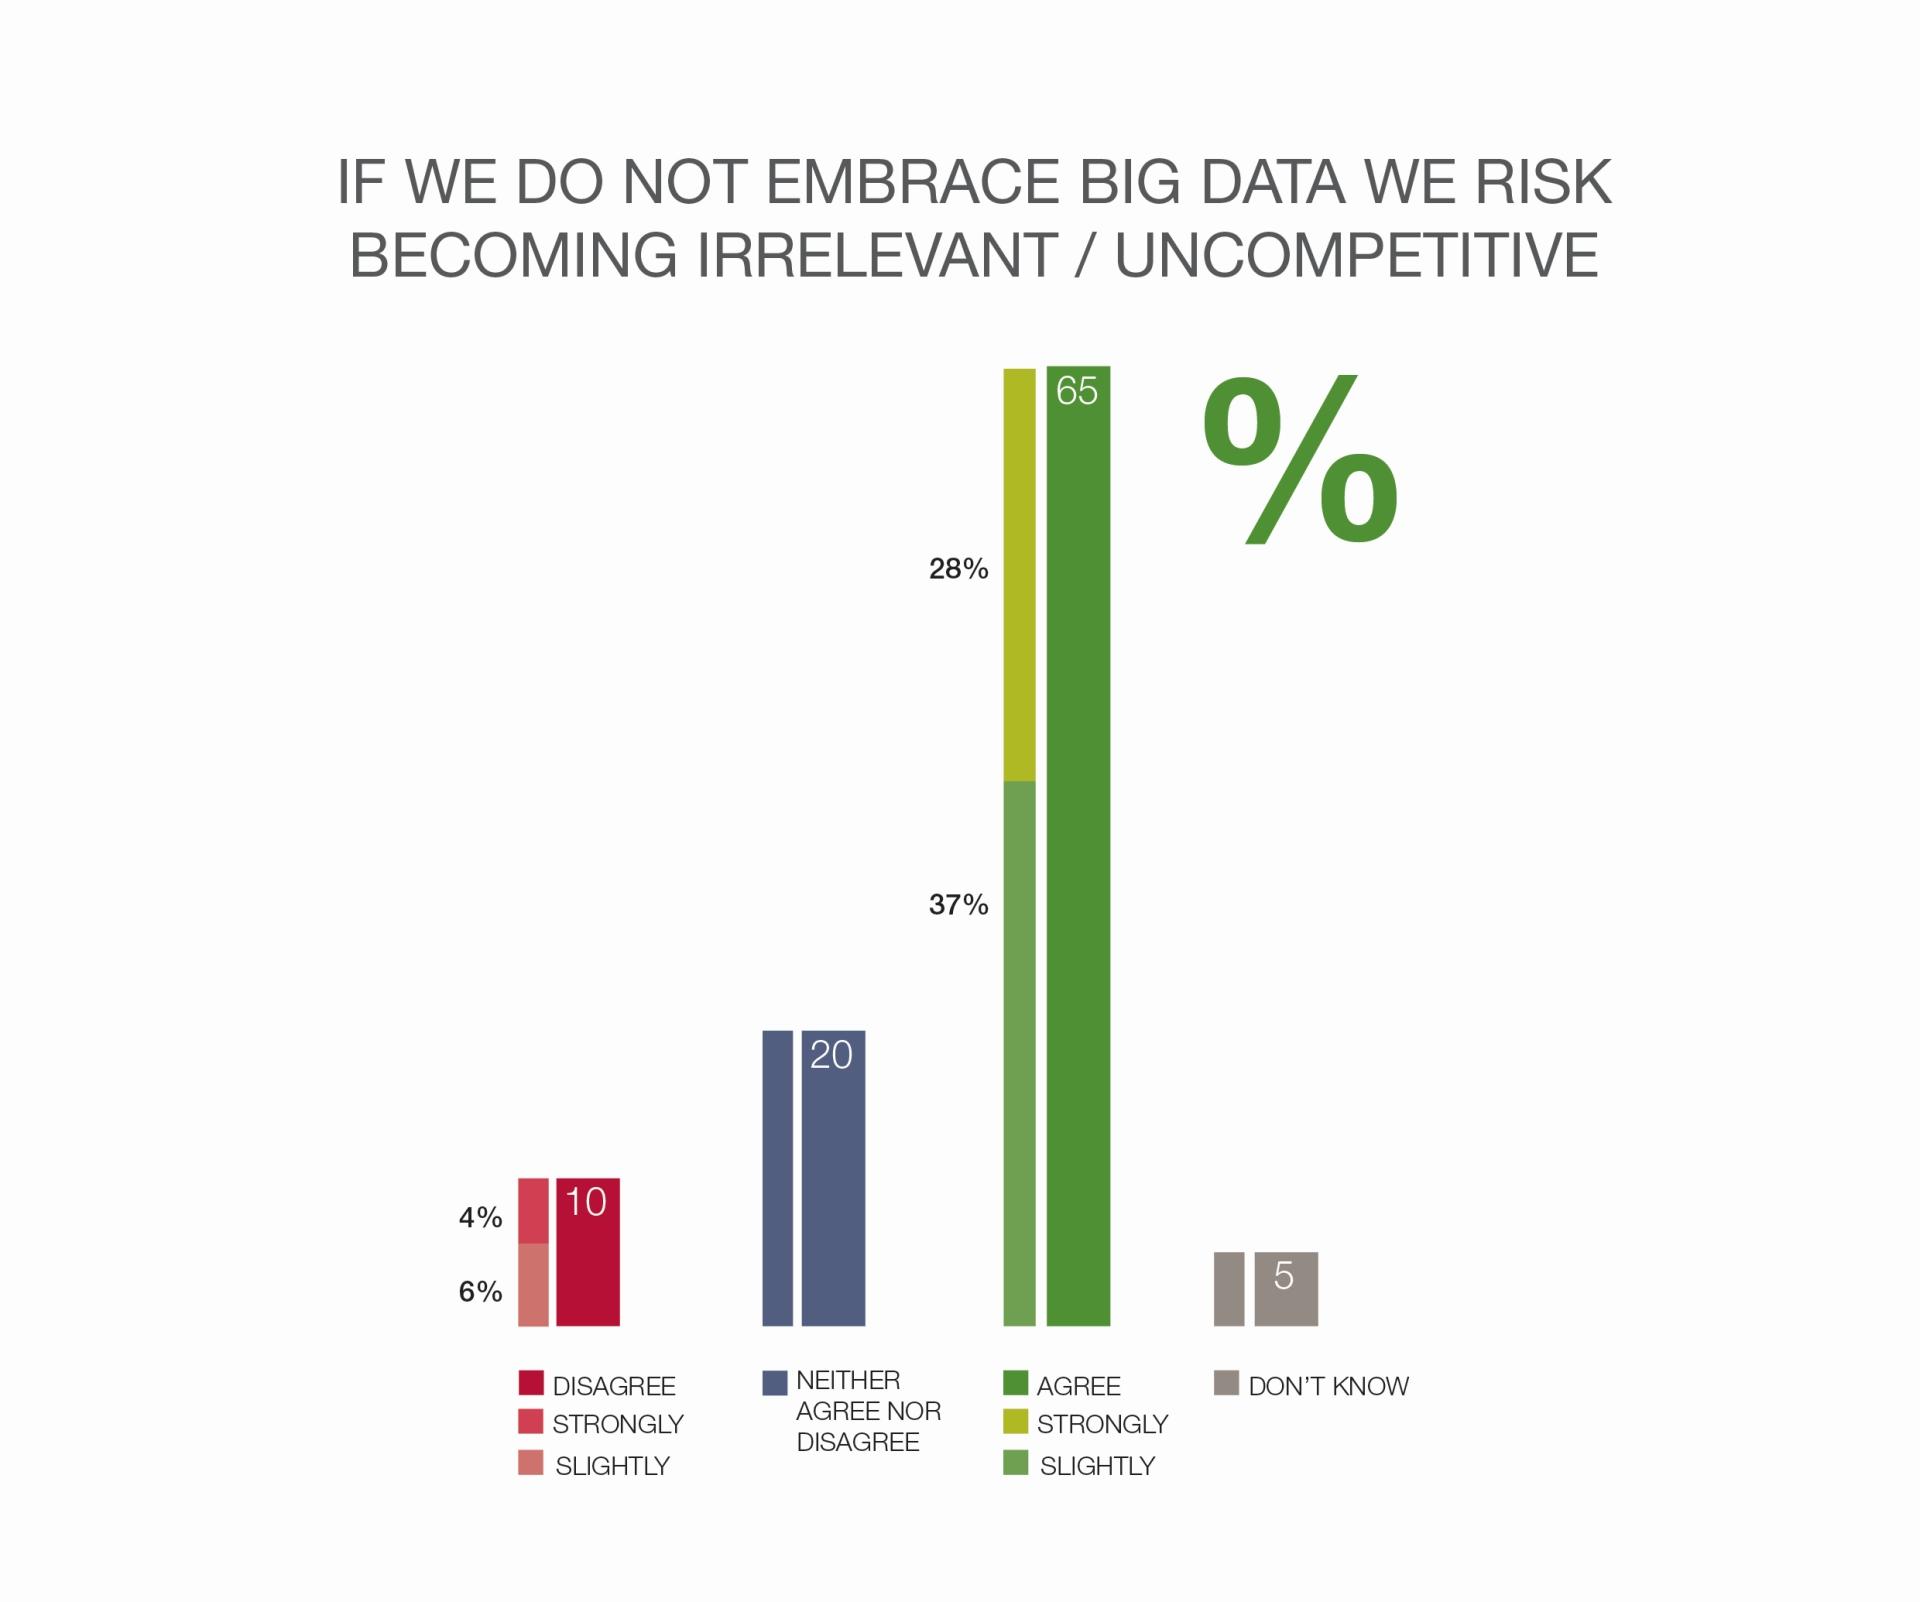 Grafik_Verlust_Wettbewerbsfähigkeit_ohne_Big_Data